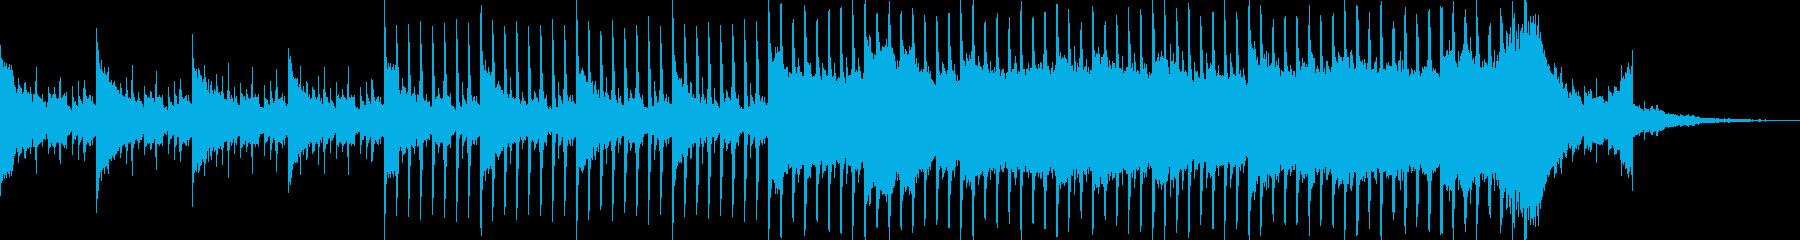 企業VP系29、爽やかギター4つ打ち8bの再生済みの波形